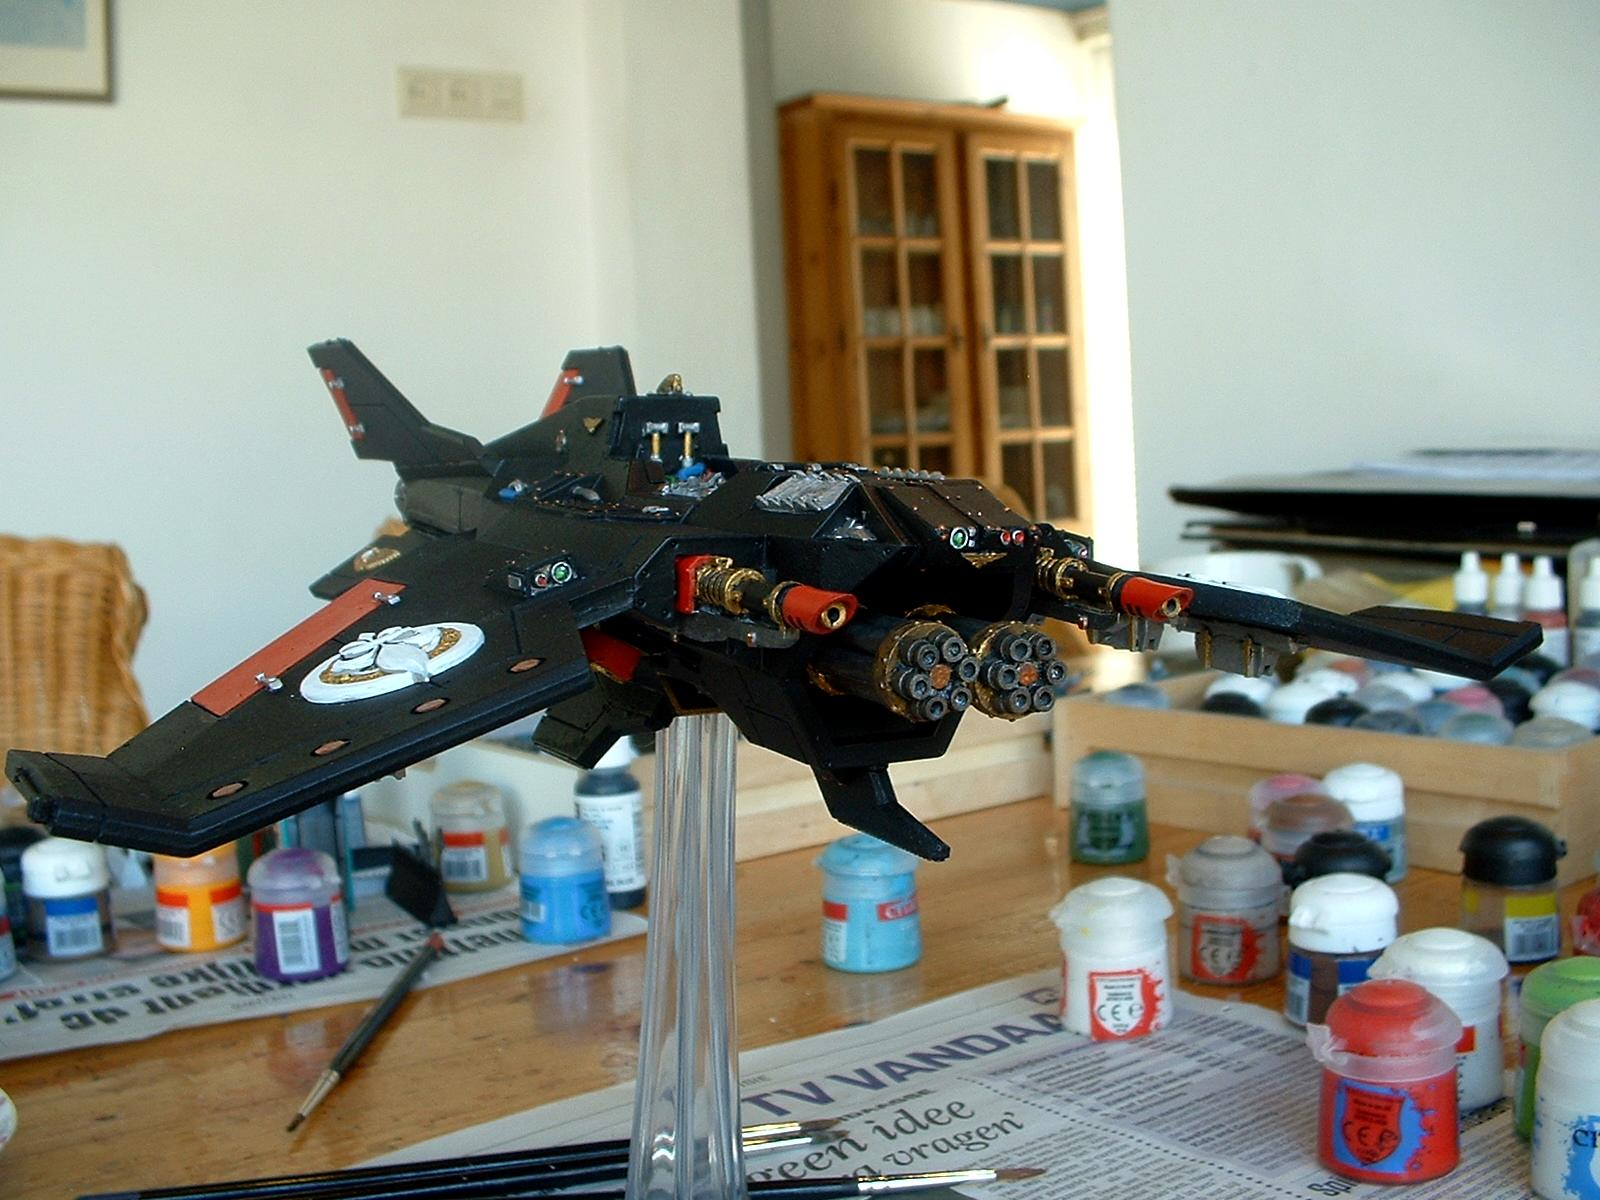 Adepta Sororitas, Avenger Strike Fighter, Flyer, Forge World, Sisters Of Battle, Voss Pattern Lightning